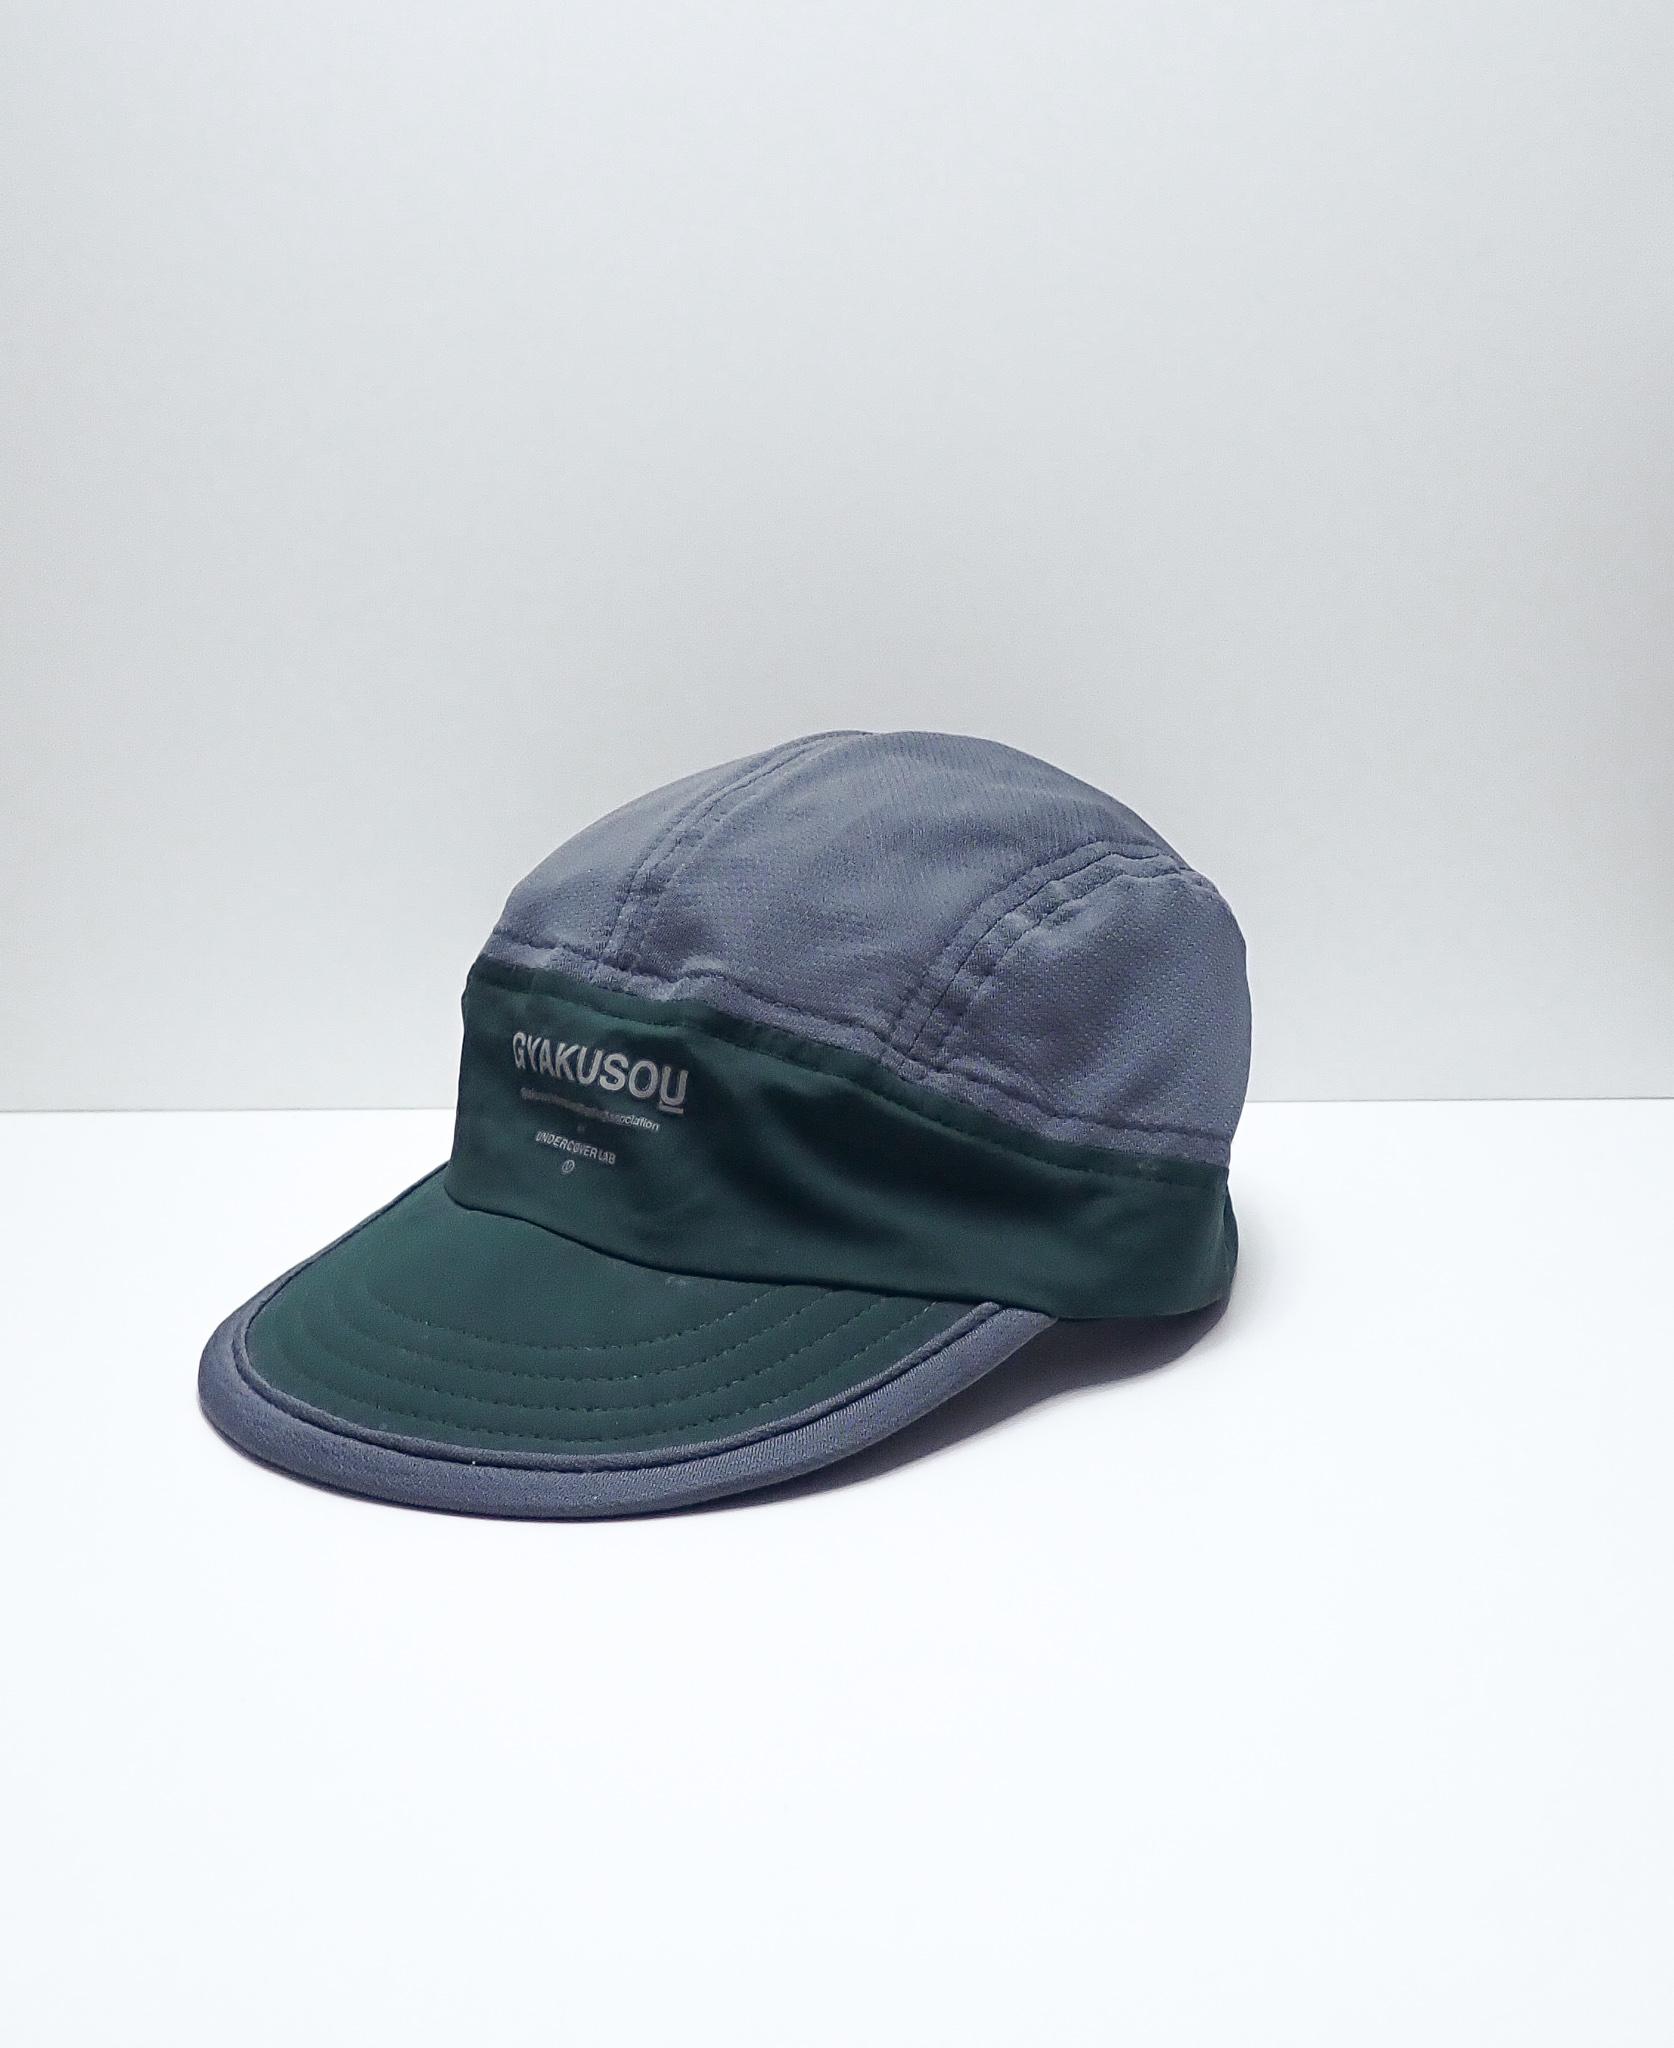 NikeLab x Undercover Running Cap